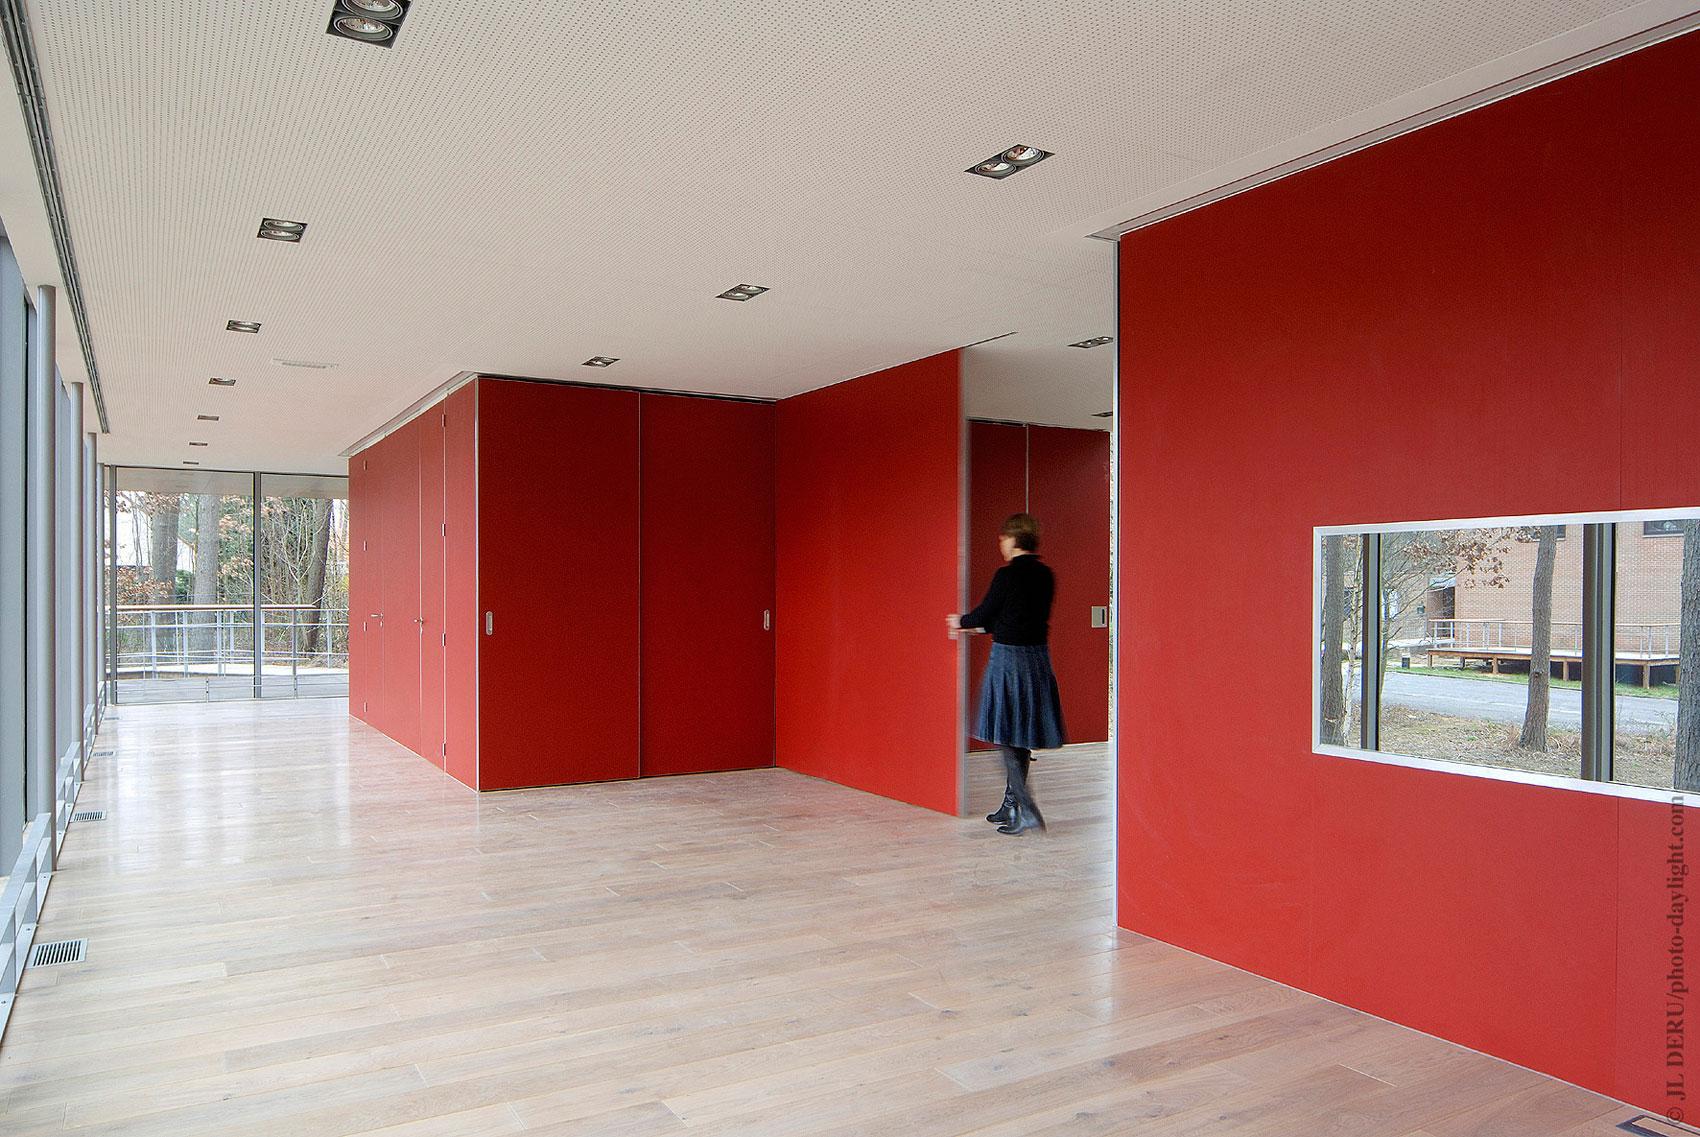 Дизайн пансионата Lennox Artau в сосновом заповеднике в Бельгии